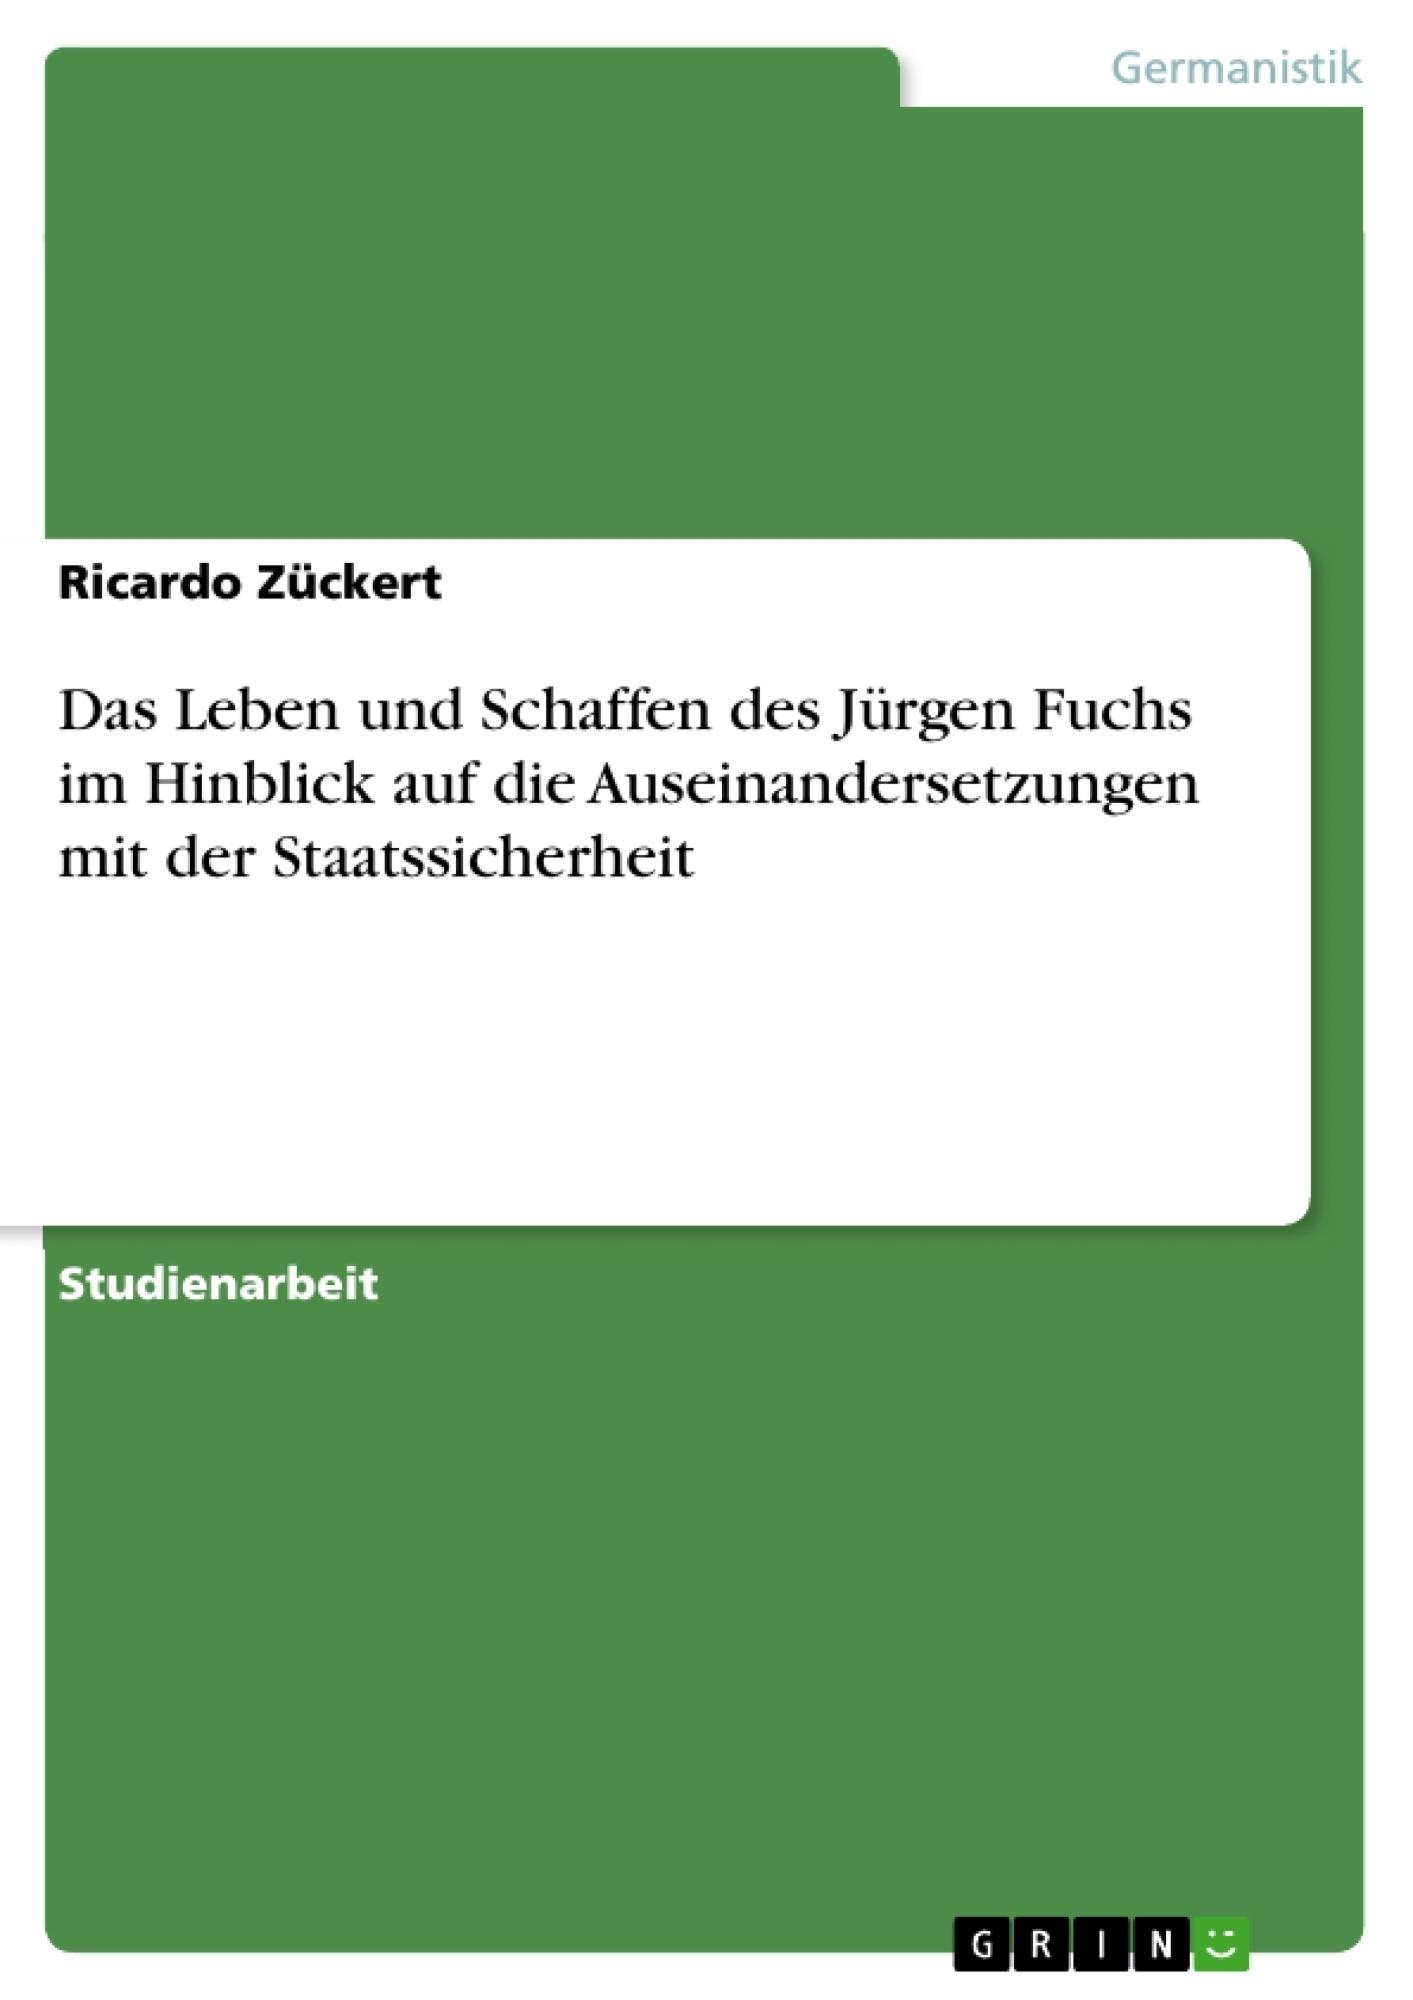 Titel: Das Leben und Schaffen des Jürgen Fuchs im Hinblick auf die Auseinandersetzungen mit der Staatssicherheit